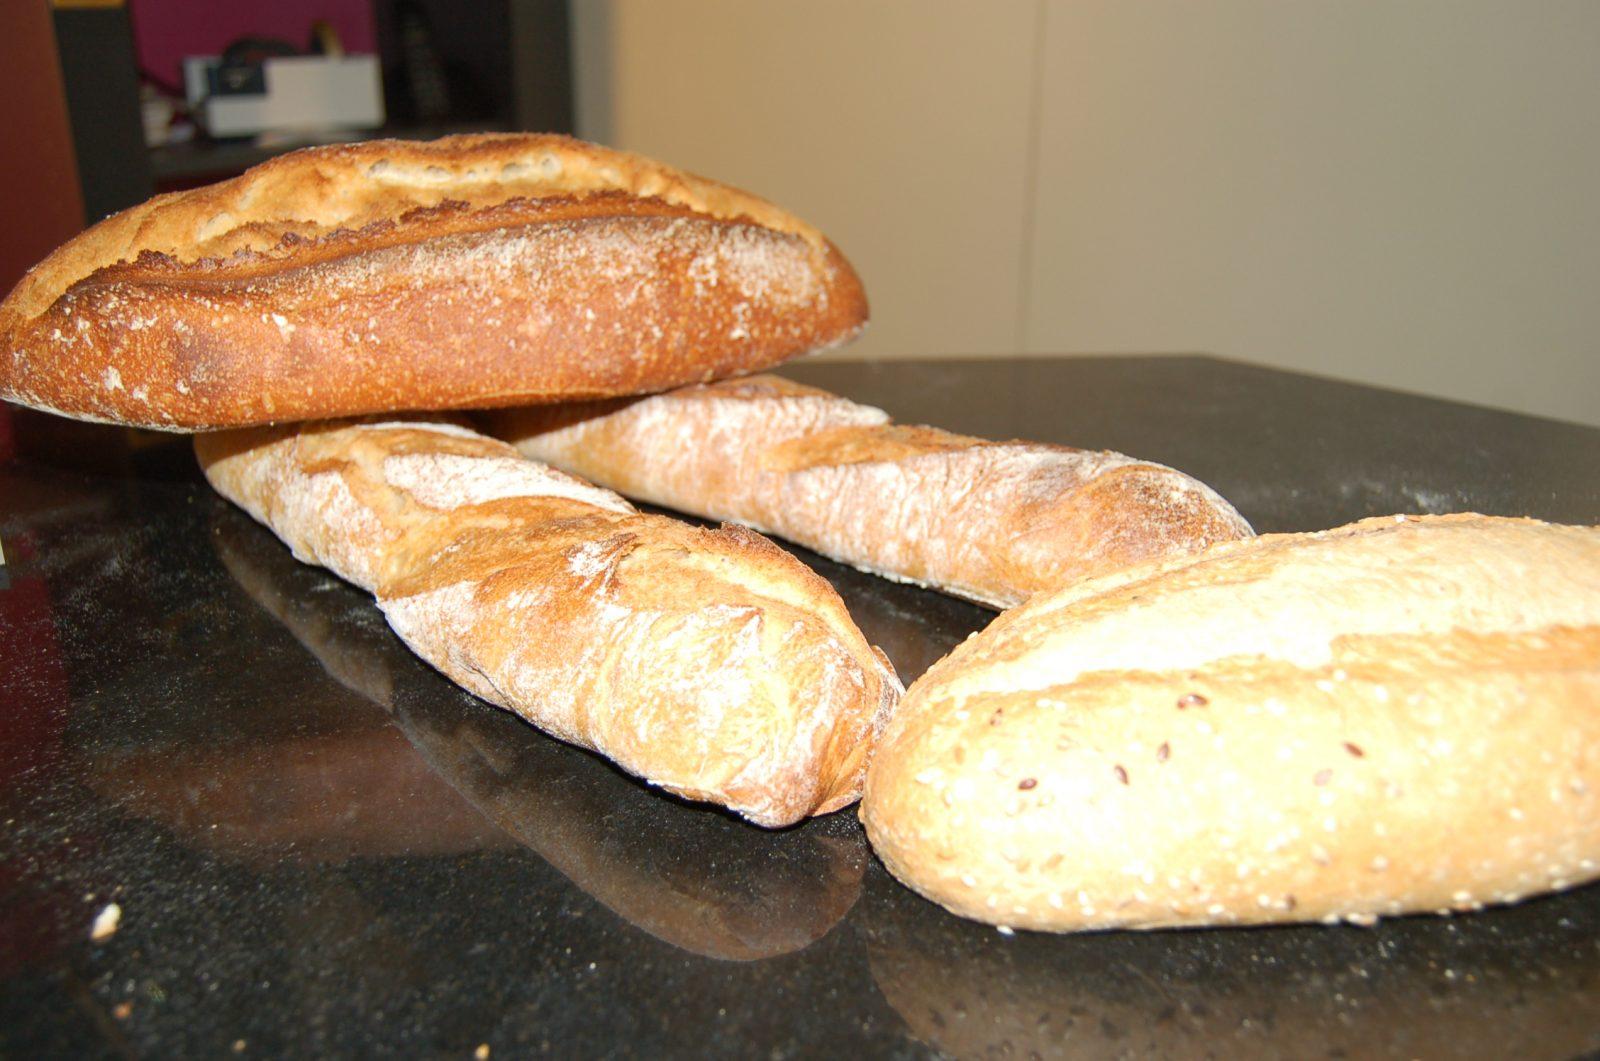 Boulangerie Pâtisserie Pains Viennoiseries Sandwichs Epicerie fine Place du Village Ile de Porquerolles Parc National